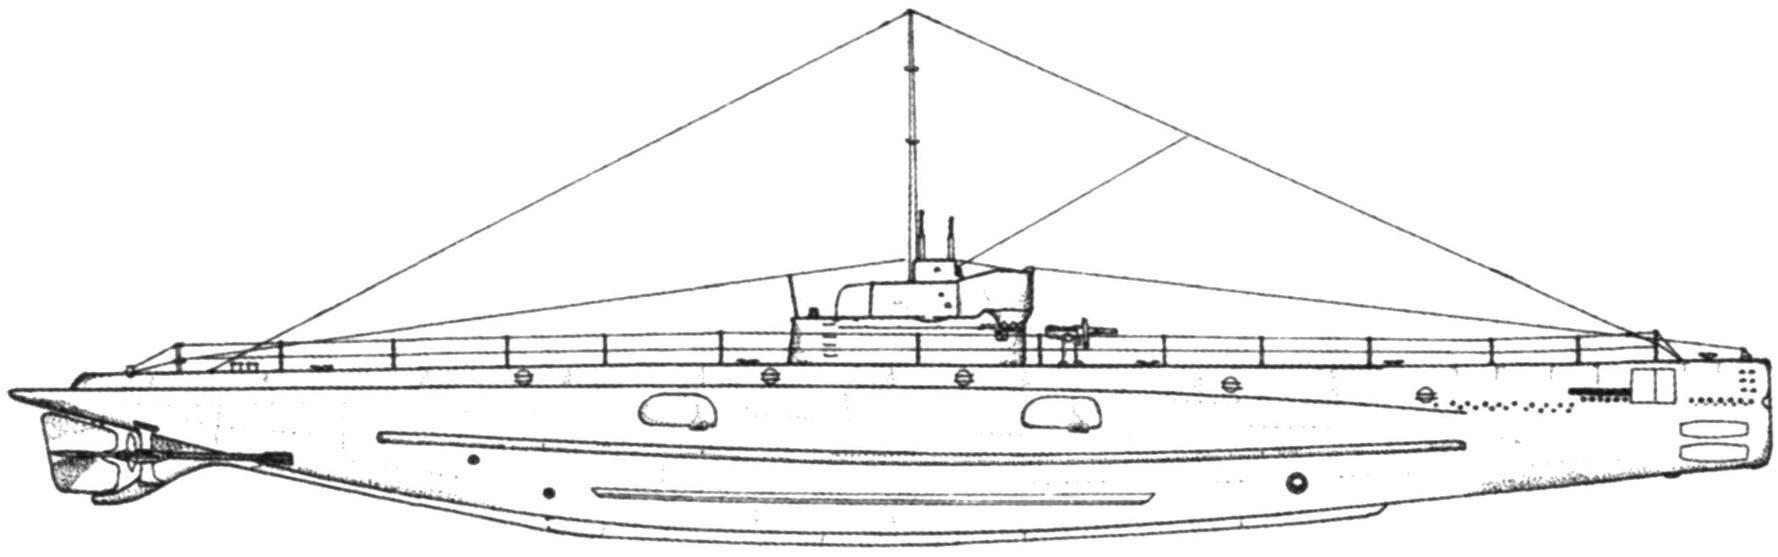 Подводная лодка «O-12» (SS-73), США, 1918 г.